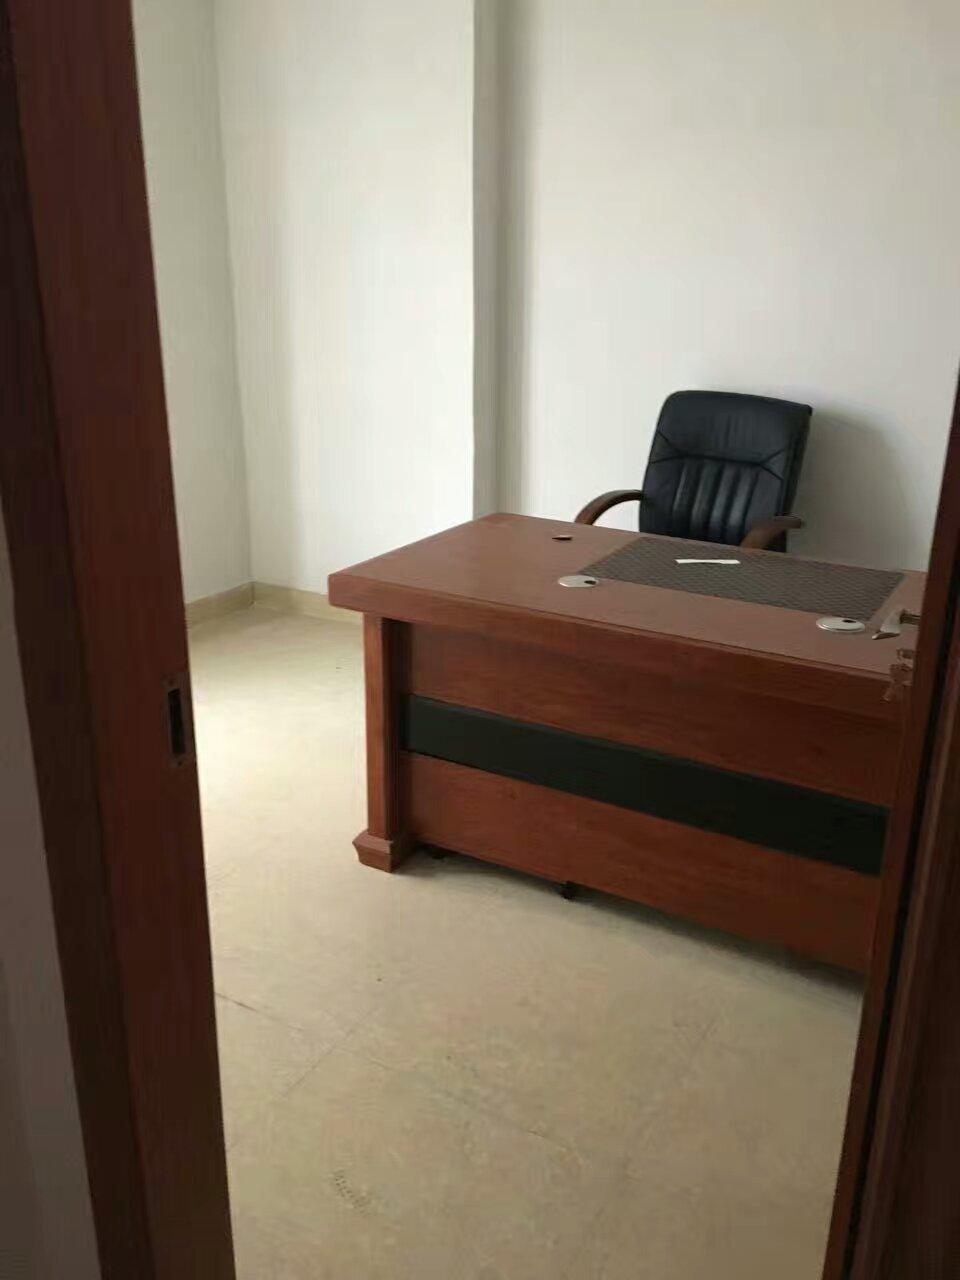 深圳公明楼村小产权三房110平米58万,户型方正实用 三房二厅 第9张